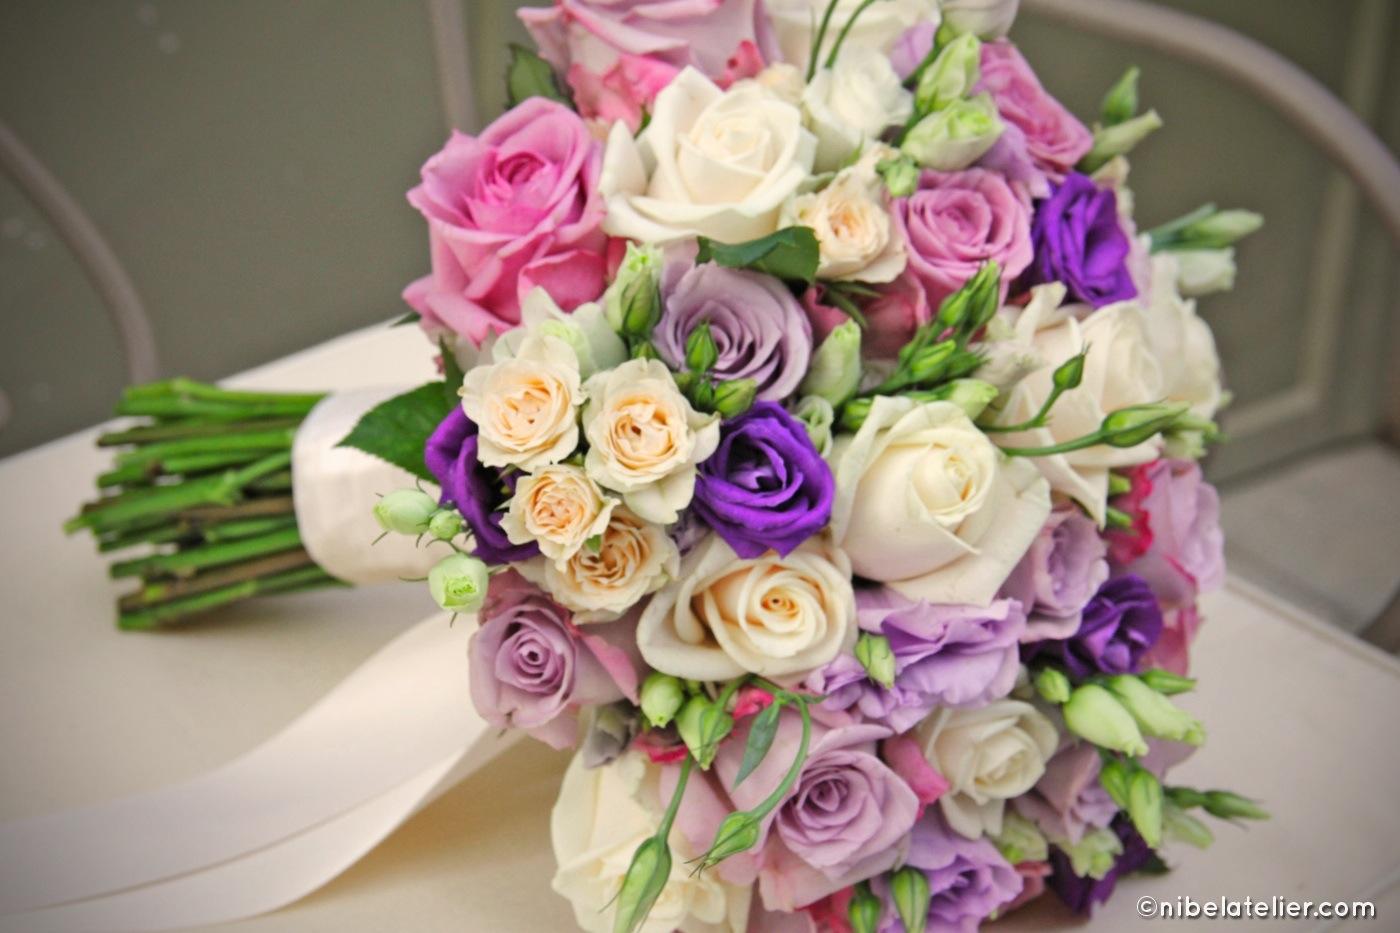 003-matrimonio-lago-di-garda-bouquet